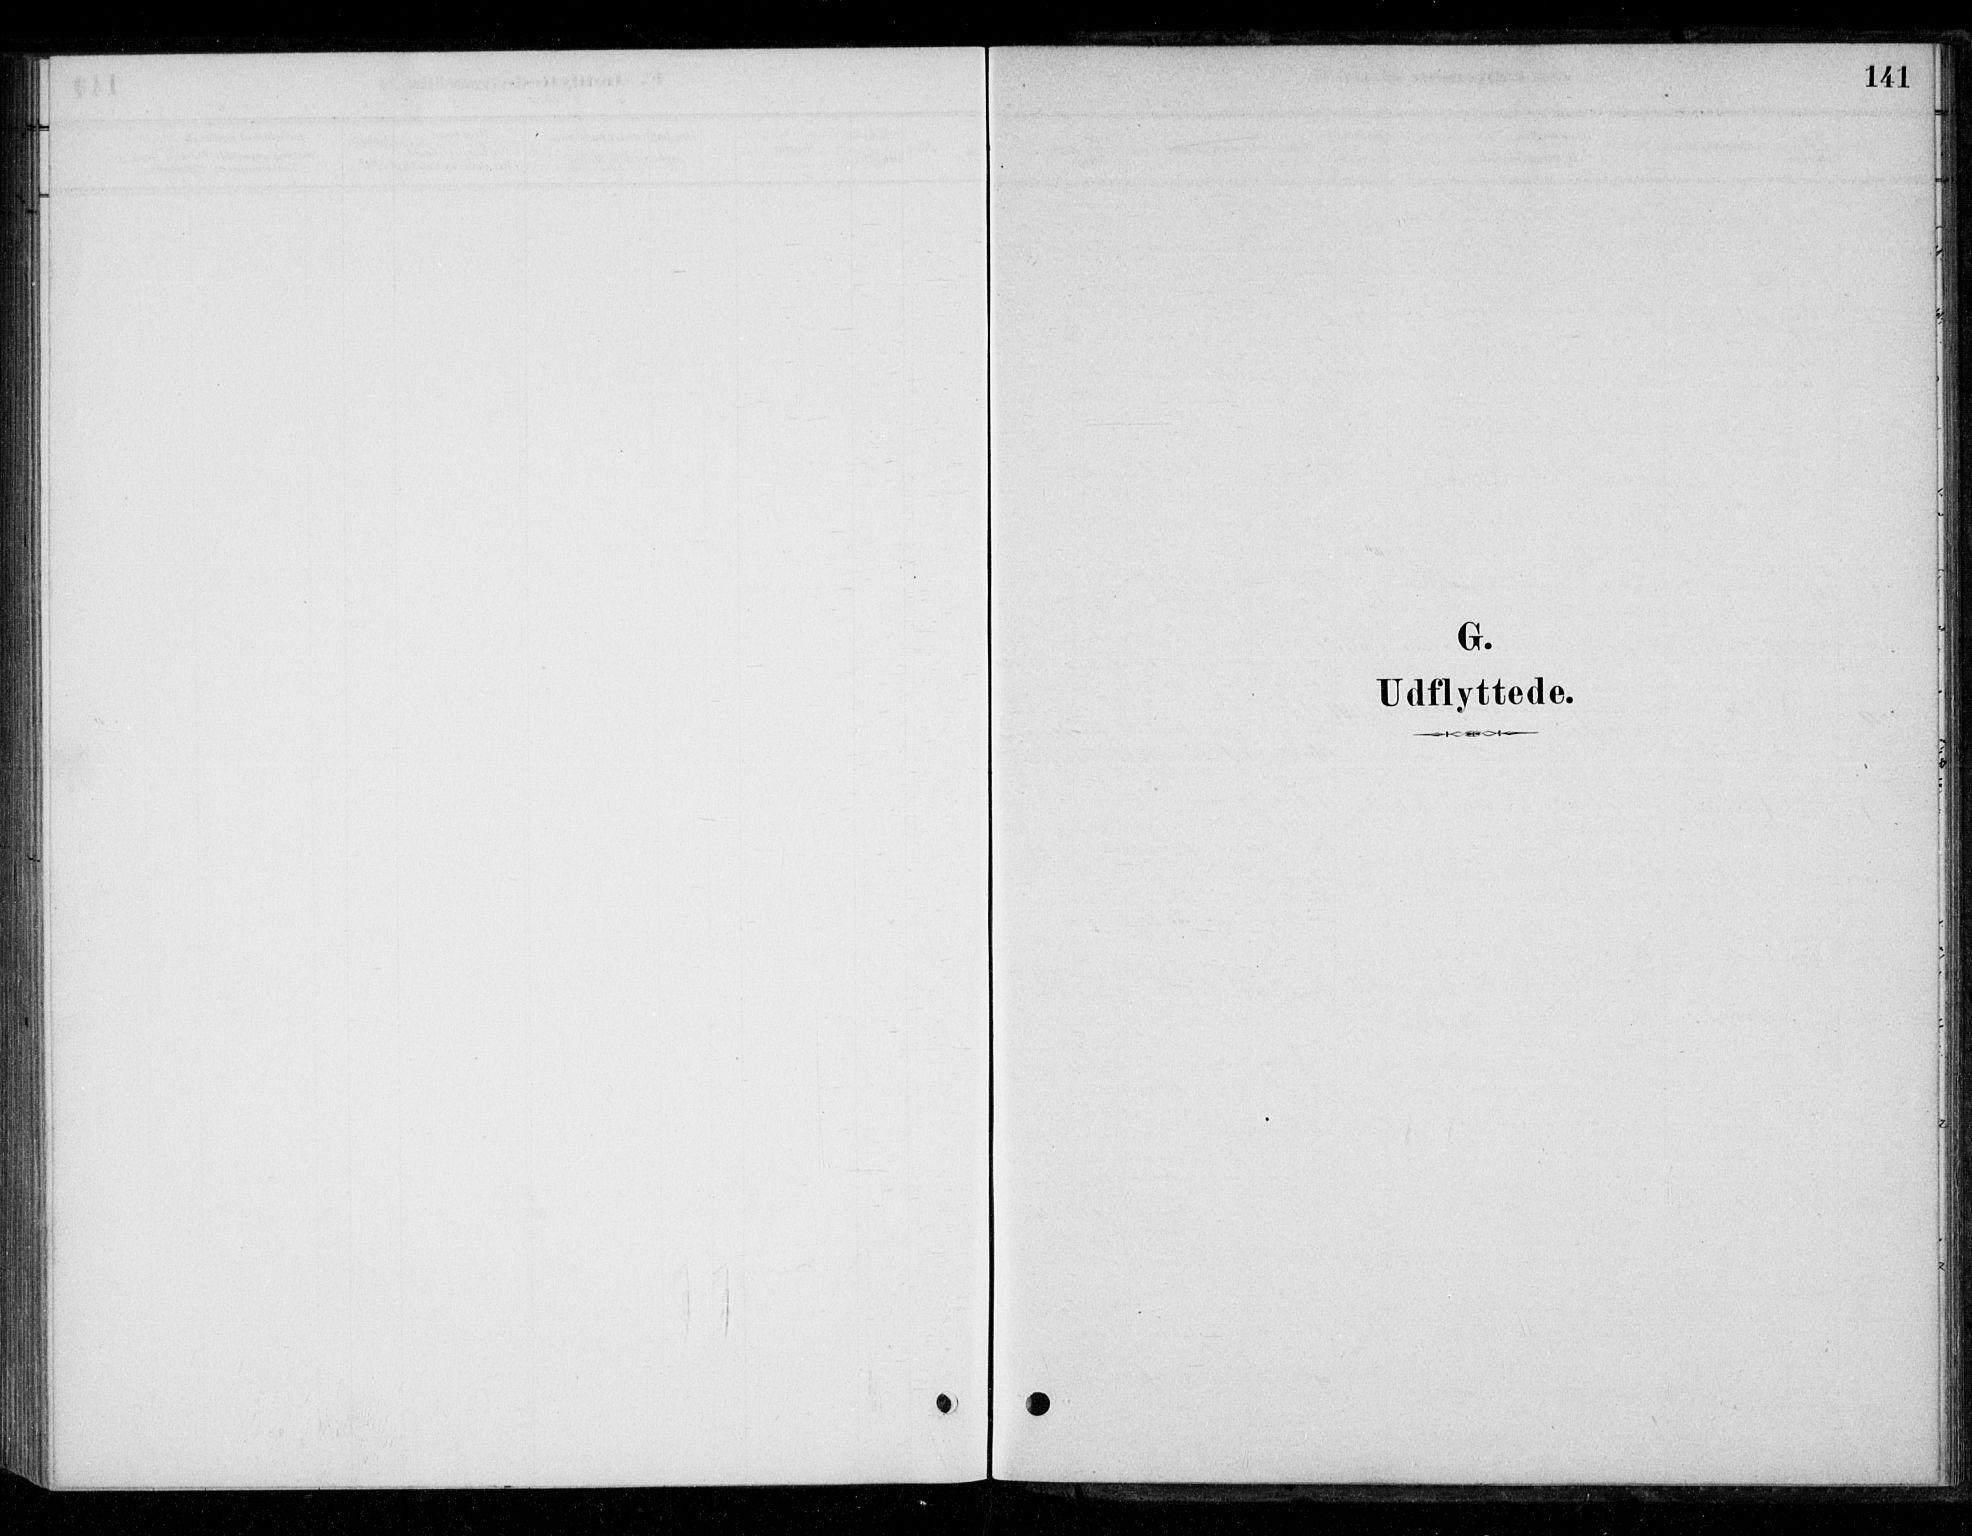 SAT, Ministerialprotokoller, klokkerbøker og fødselsregistre - Sør-Trøndelag, 670/L0836: Ministerialbok nr. 670A01, 1879-1904, s. 141